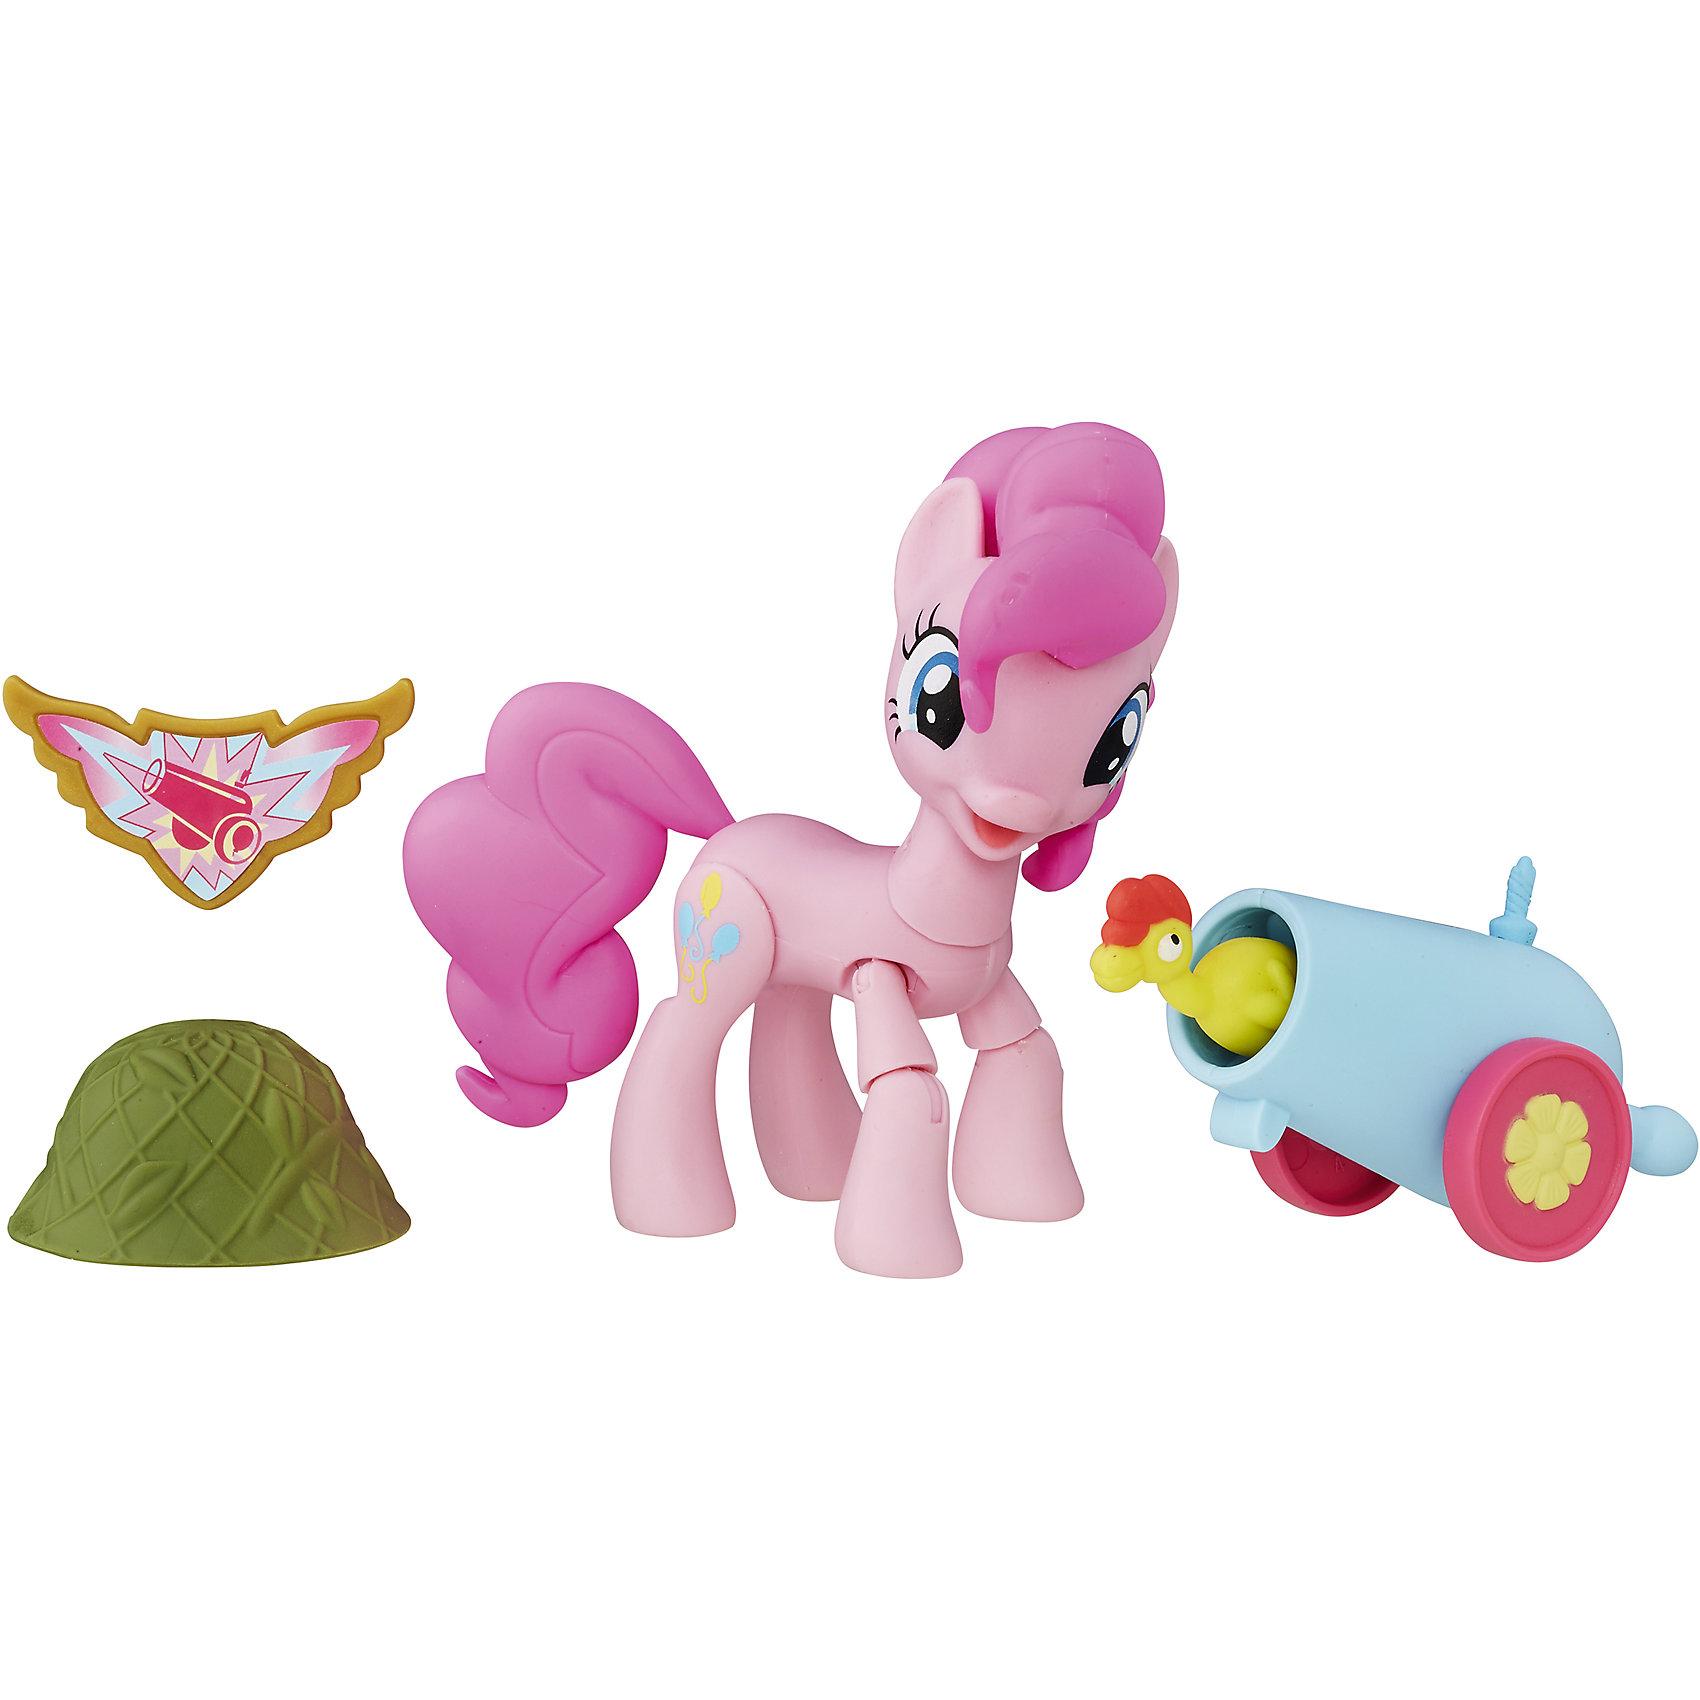 Фигурка Хранители Гармонии -Пинки Пай, с артикуляцией, My little PonyФигурка Хранители Гармонии, Пинки Пай, с артикуляцией, My little Pony (Моя маленькая Пони). <br><br>Характеристика:<br><br>• Материал: пластик.   <br>• Размер упаковки: 20,3х15,2х5 см.<br>• Прекрасная детализация. <br>• Комплектация: фигурка, аксессуары (каска, пушка, курица), значок.<br>• 9 точек артикуляции: подвижные ноги и голова. <br><br>Фигурка серии Guardians of Harmony приведет в восторг всех поклонниц My Little Pony (Май литл Пони). Пинки пай - веселая, оптимистичная и дружелюбная пони, она обожает сладости, вечеринки и добрые розыгрыши. Фигурка пони отлично детализирована, реалистично раскрашена и очень похожа на своего мульт-прототипа. Игрушка имеет 9 точек артикуляции, может принимать различные позы, дополнена оригинальными съемными аксессуарами. Собери все фигурки серии Хранители гармонии и придумай свои оригинальные истории из жизни любимых лошадок! <br><br>Фигурку Хранители Гармонии, Пинки Пай, с артикуляцией, My little Pony (Моя маленькая Пони) можно купить в нашем интернет-магазине.<br><br>Ширина мм: 51<br>Глубина мм: 203<br>Высота мм: 165<br>Вес г: 171<br>Возраст от месяцев: 48<br>Возраст до месяцев: 120<br>Пол: Женский<br>Возраст: Детский<br>SKU: 5344311